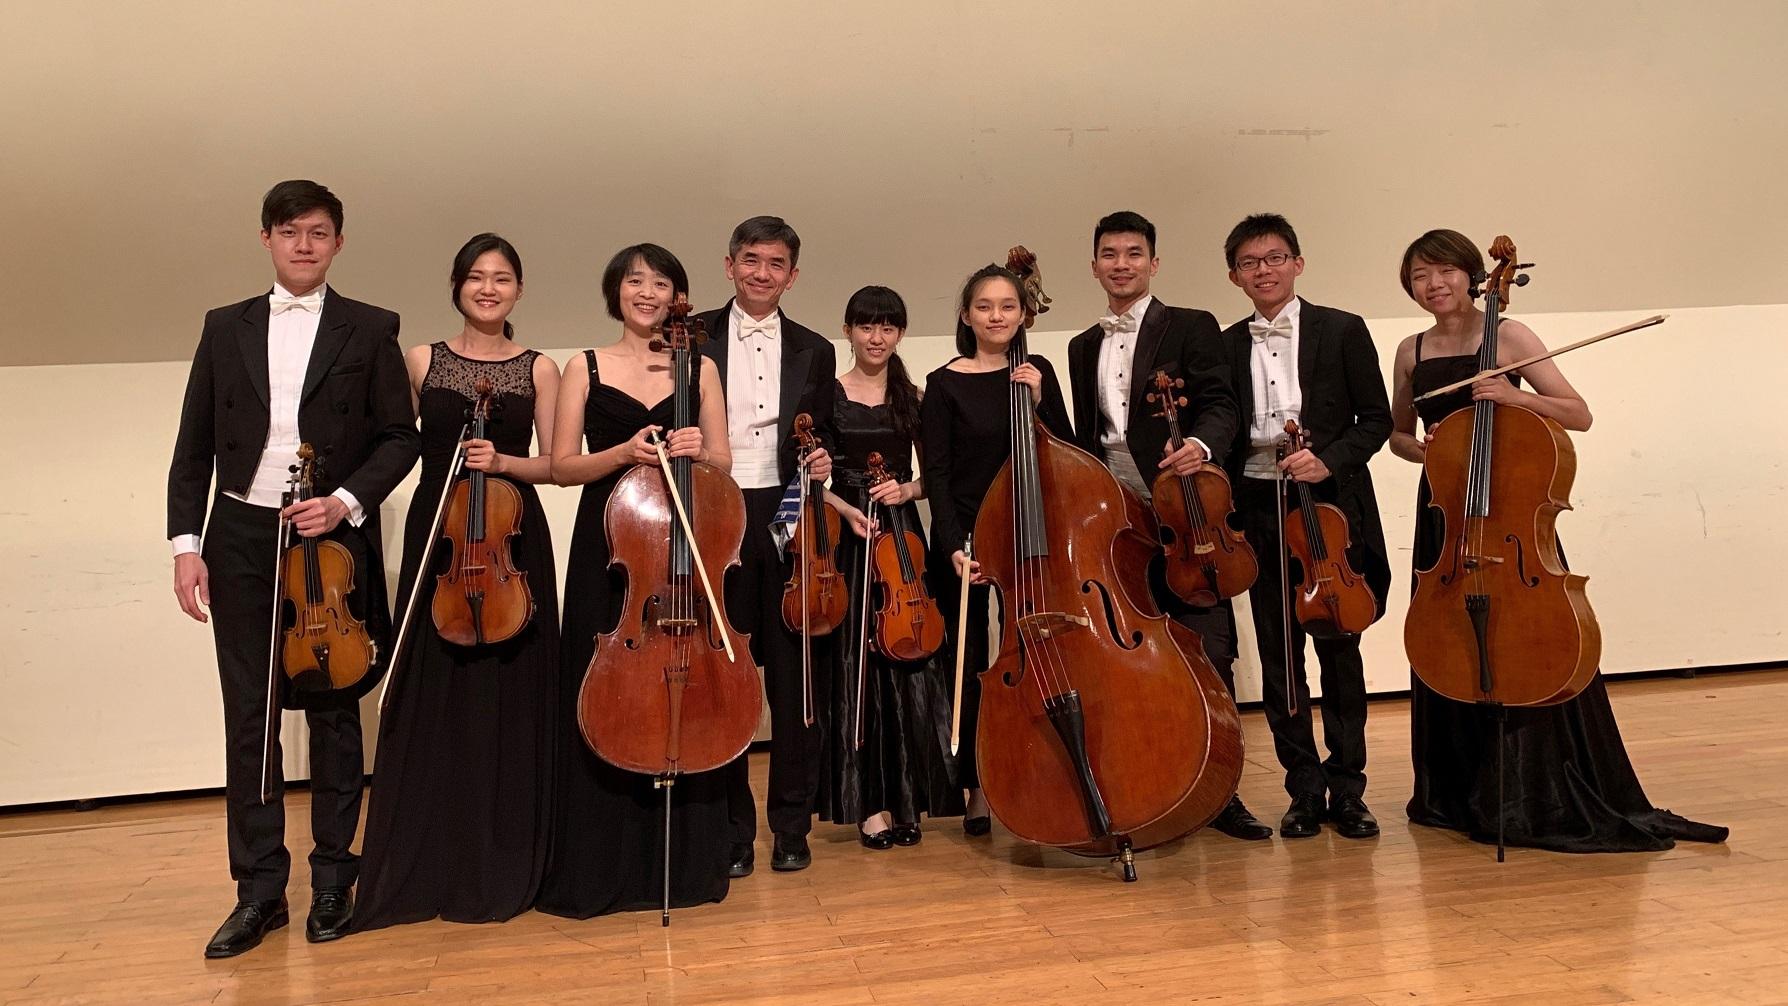 12月15日(日)15:00巴赫納利亞台灣室內樂團《2019巴赫納利亞.台灣 冬季音樂會》